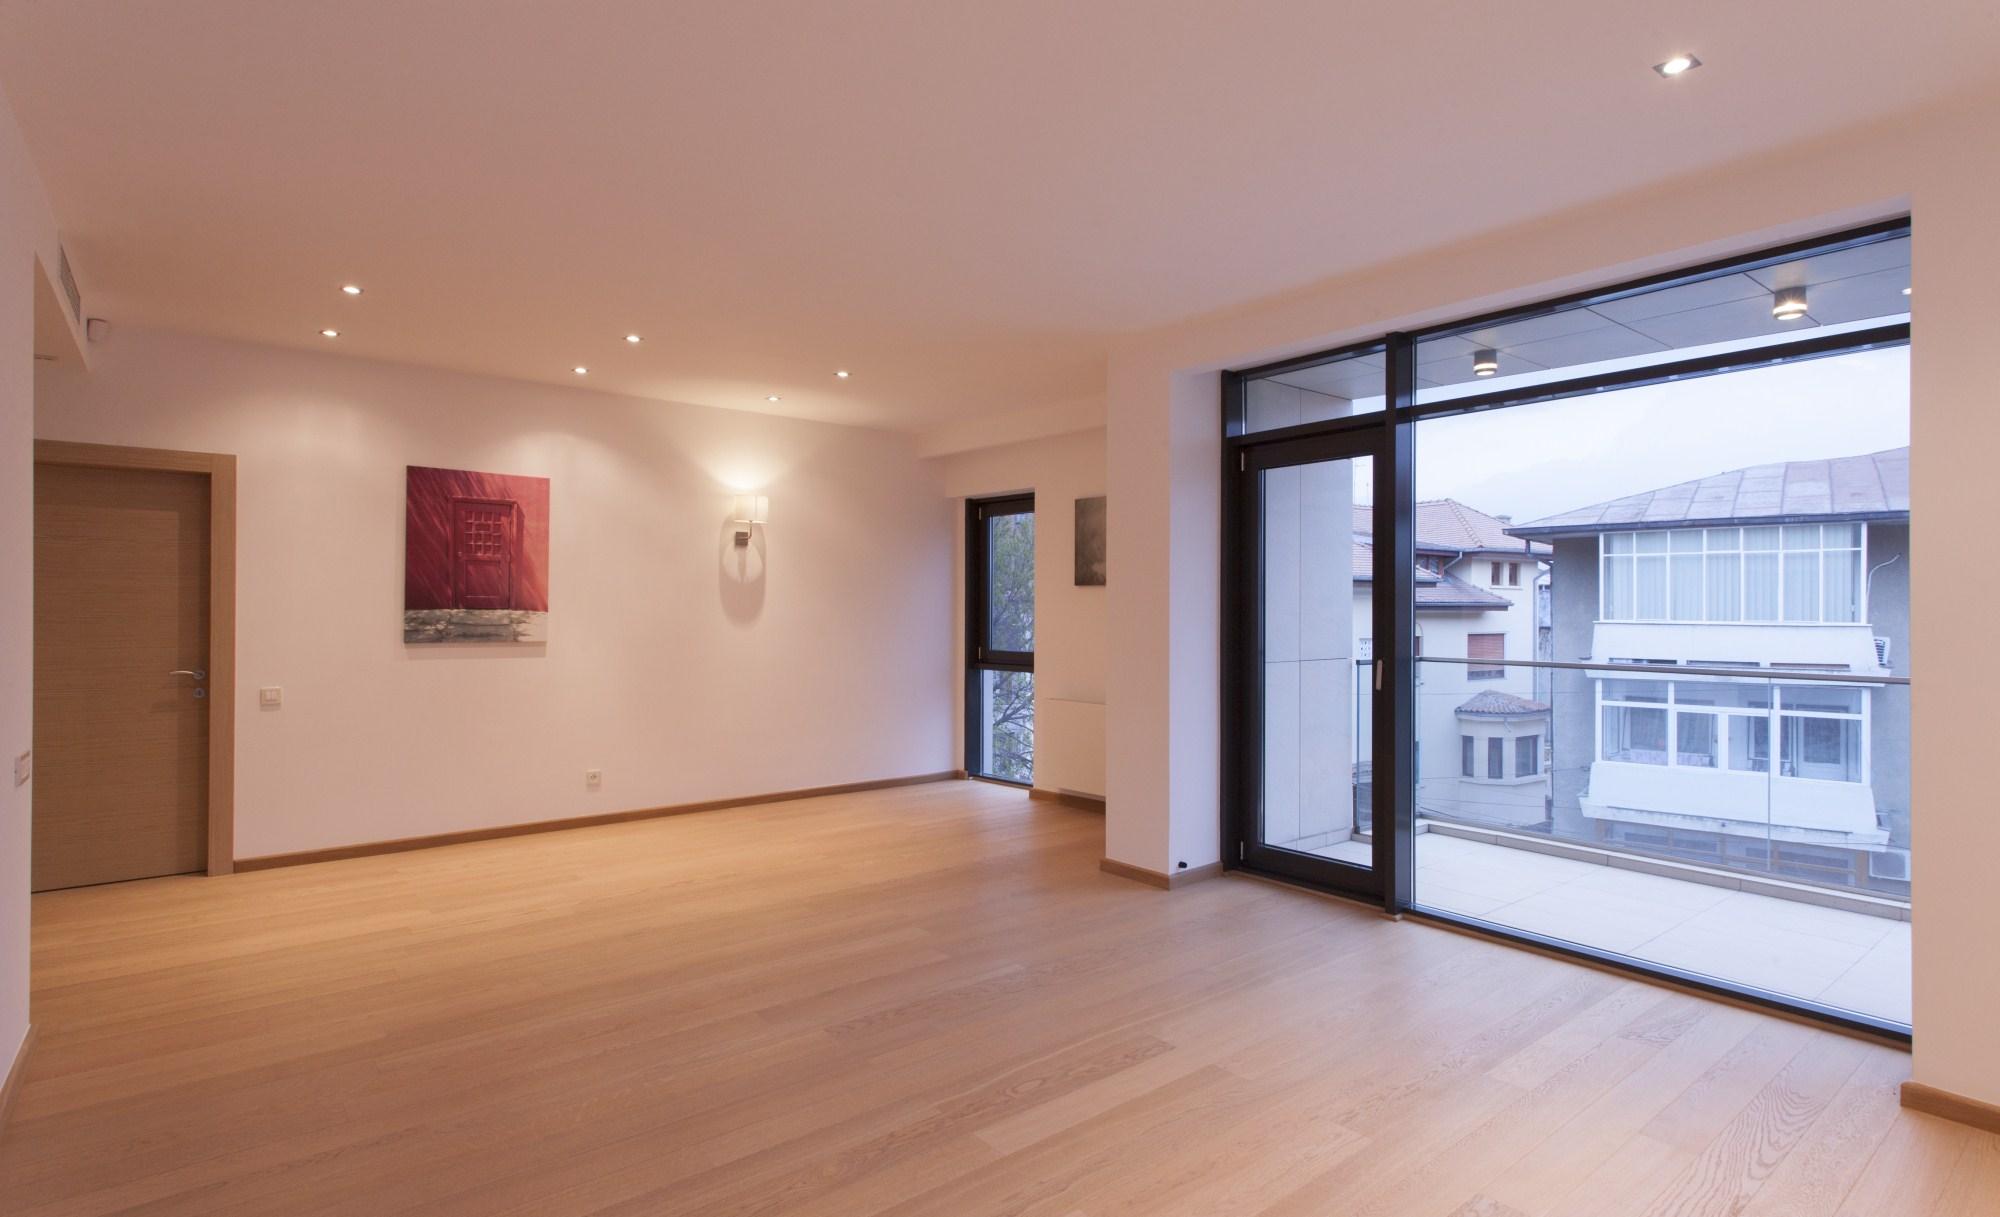 https://nbc-arhitect.ro/wp-content/uploads/2020/10/NBC-Arhitect-_-Petofi-Sandor-_-Housing-_-interior-design_26.jpg